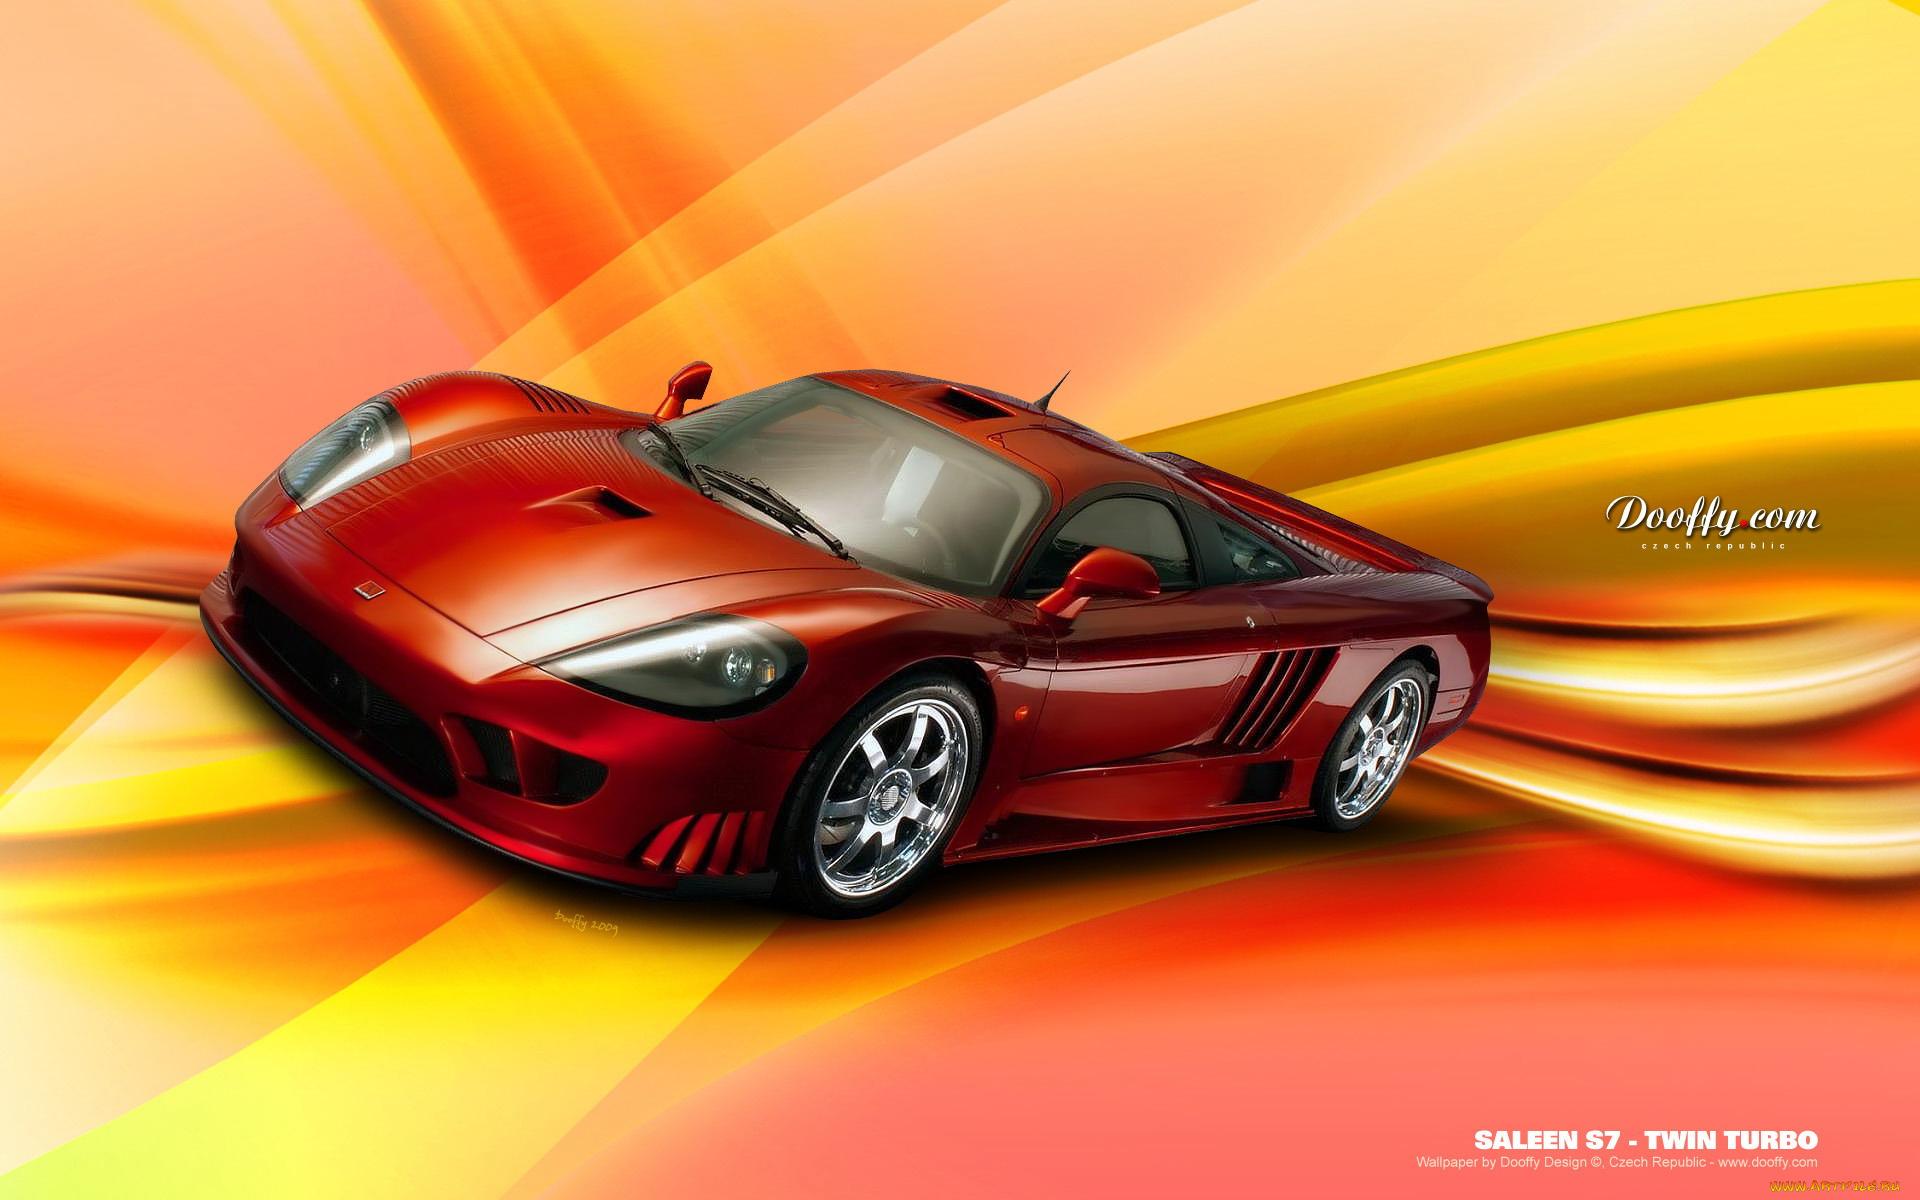 красный автомбиль Saleen S7 без смс